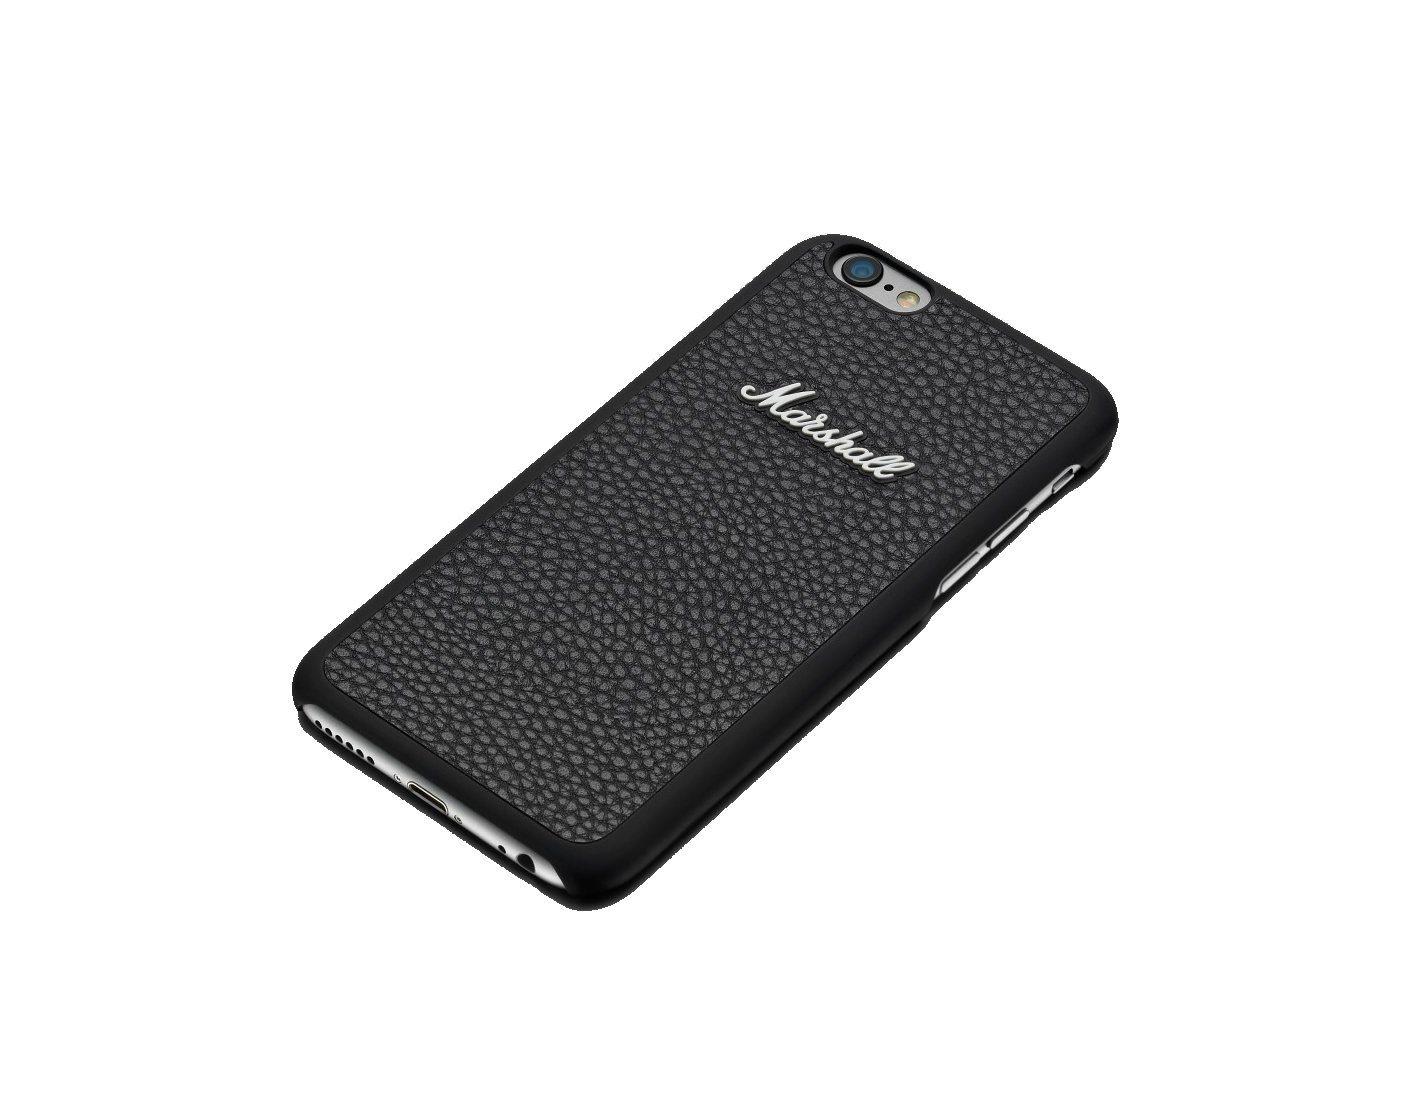 Marshall Smartphonehülle für iPhone 6+